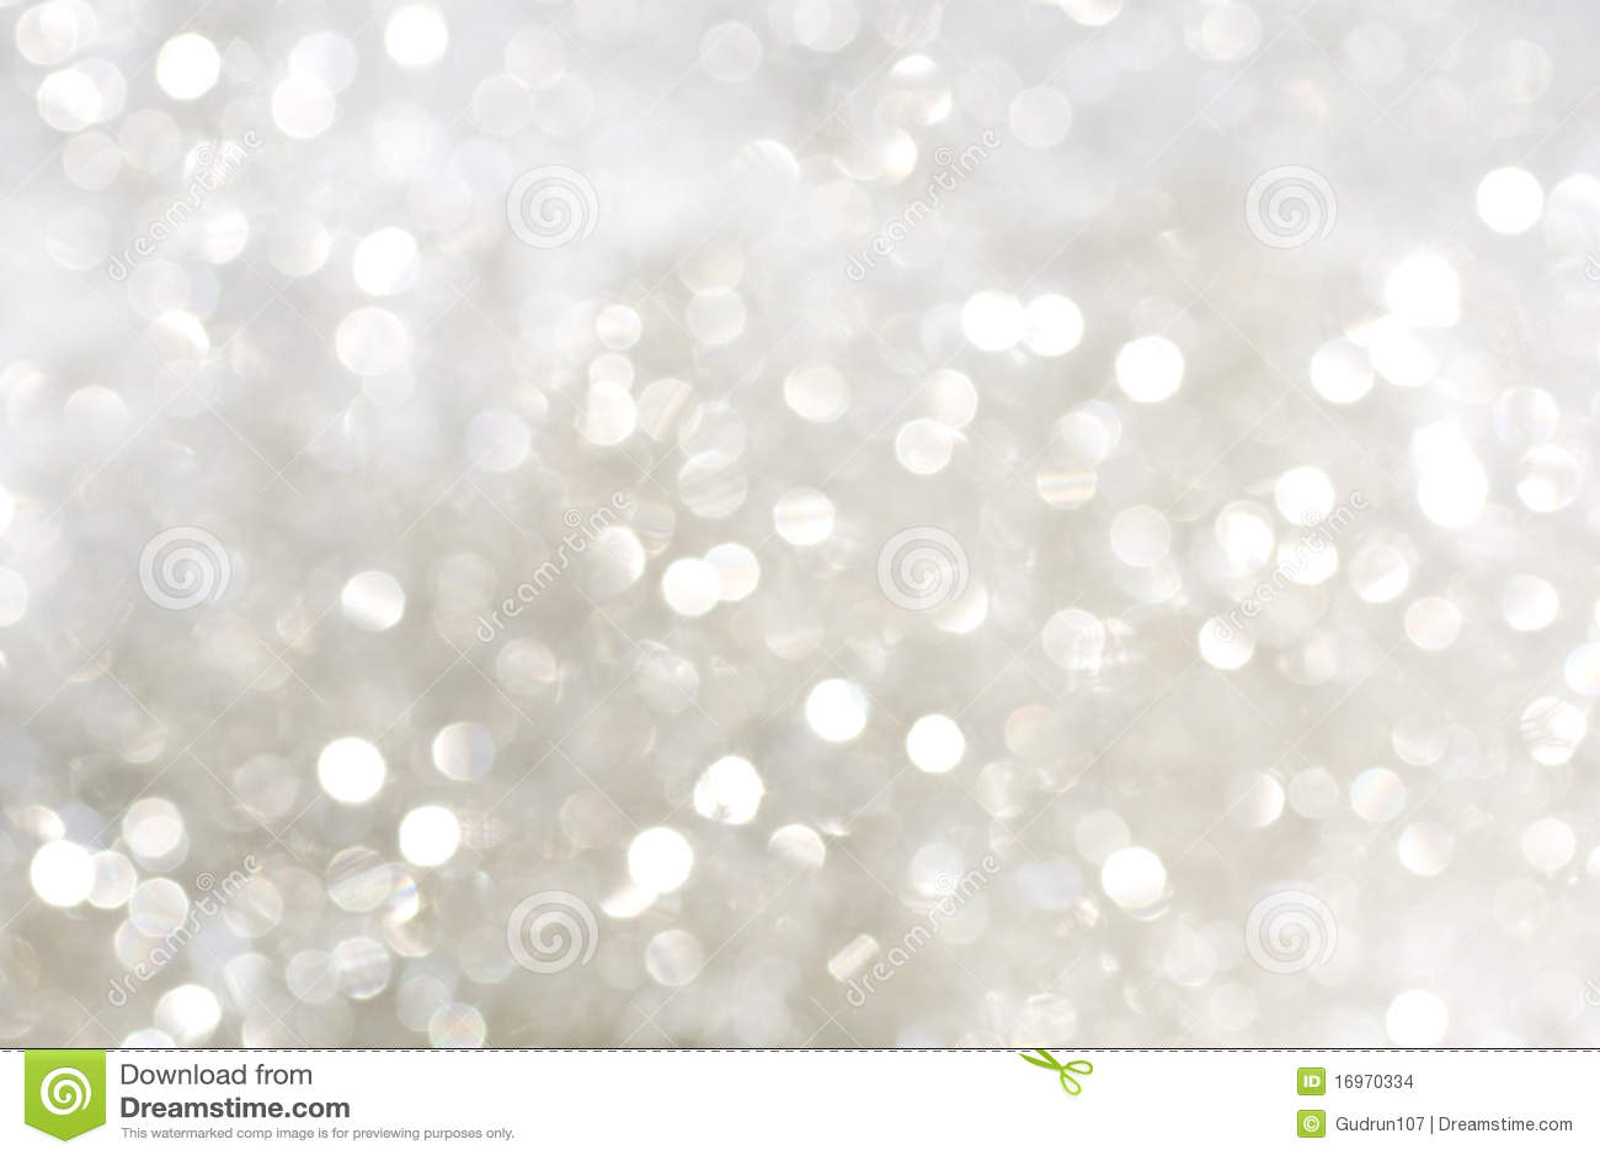 Weiß- und Silberscheine